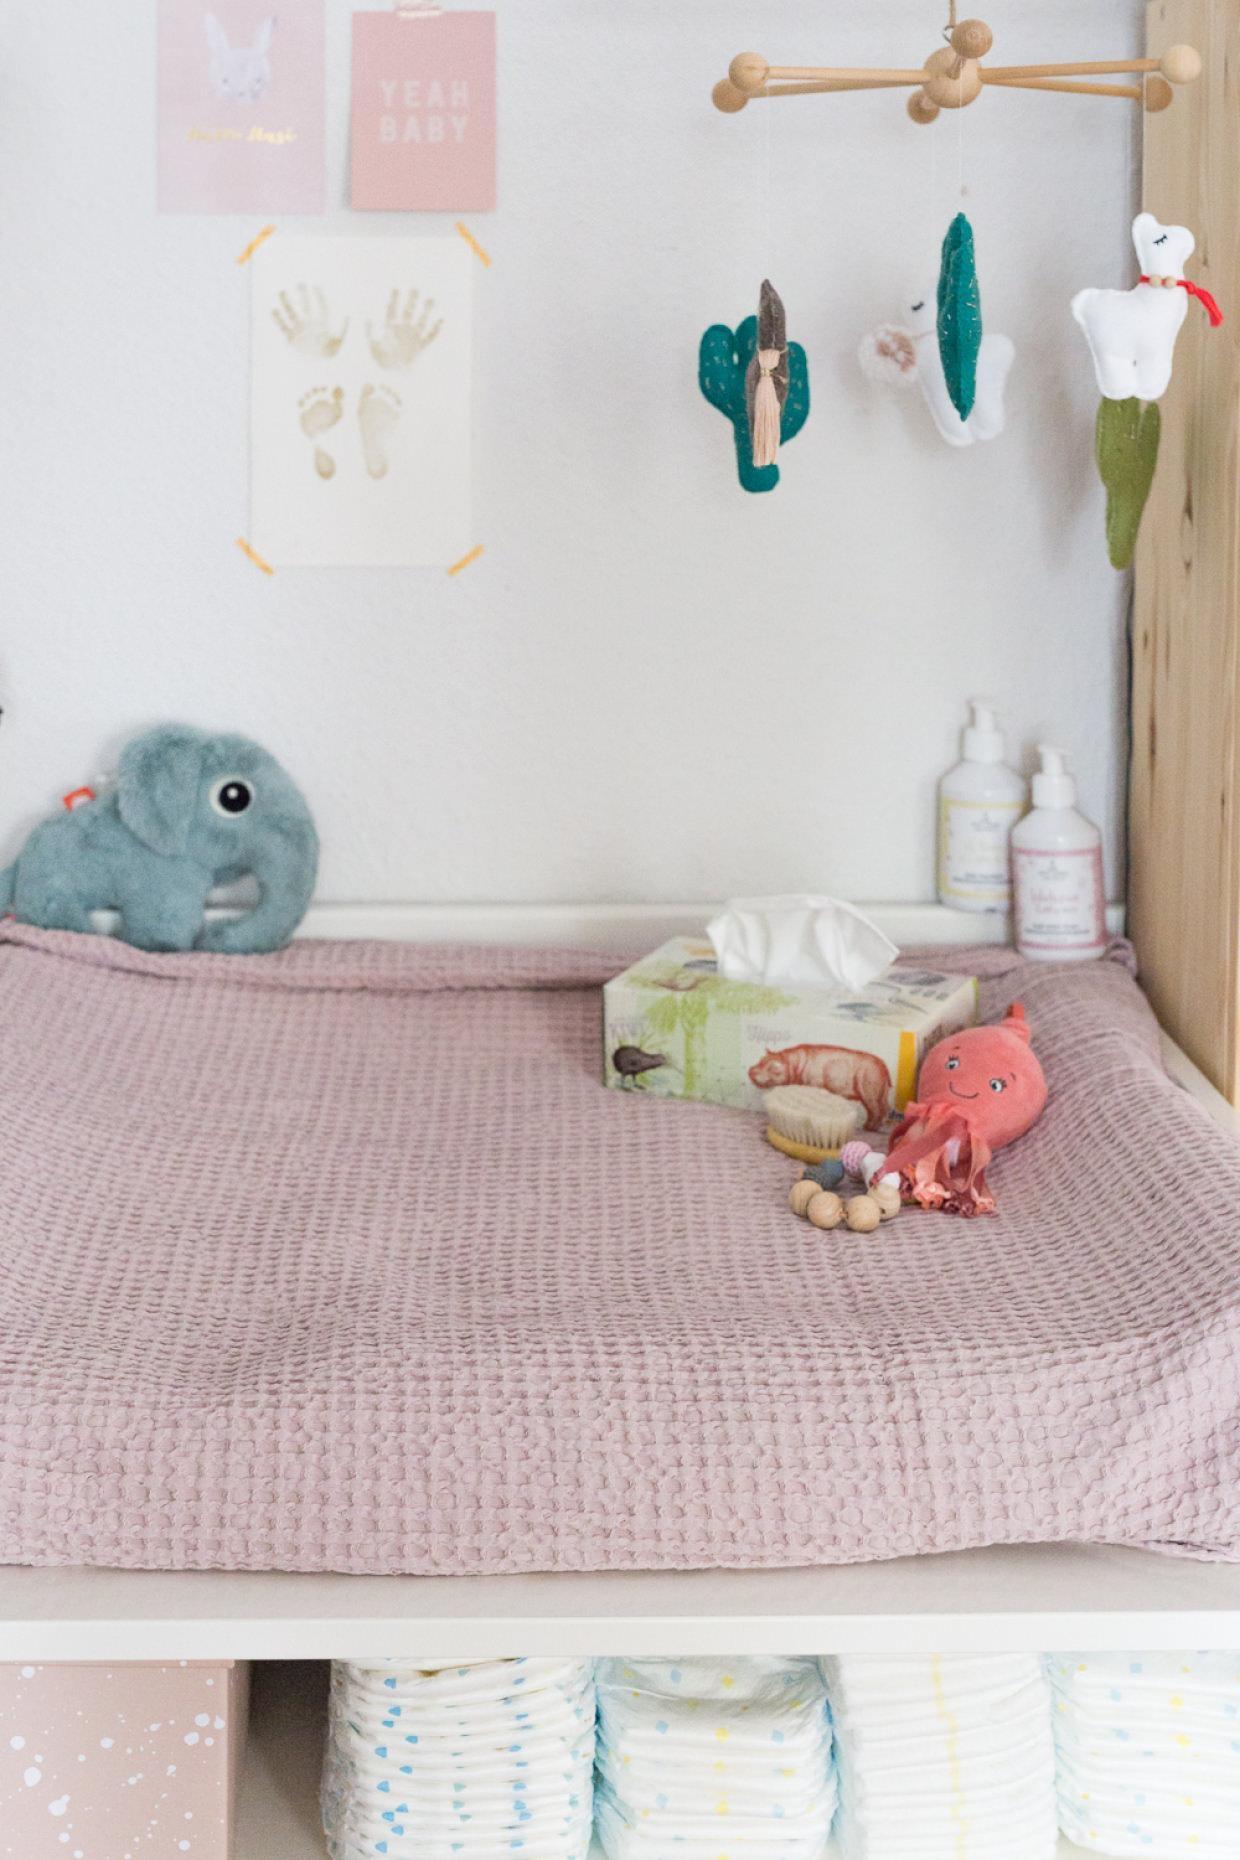 Kinderzimmer-Deko: Ideen für Kissen & Co. bei COUCH